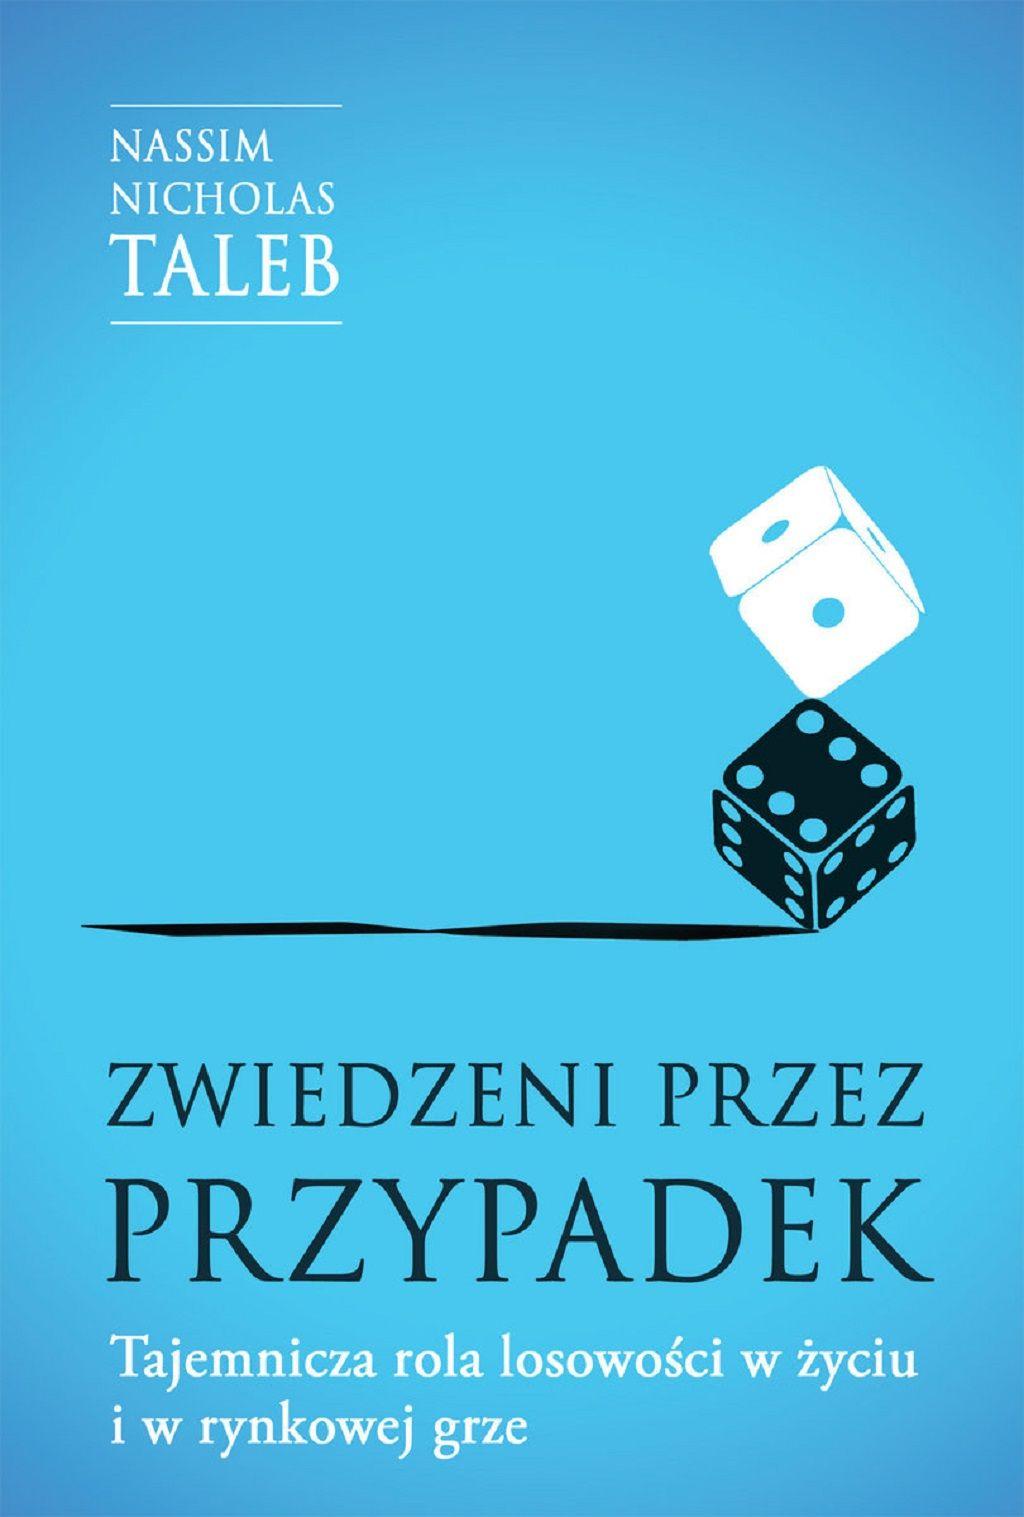 Nassim Nicholas Taleb – Zwiedzeni przez przypadek. Tajemnicza rola losowości w życiu i w rynkowej grze